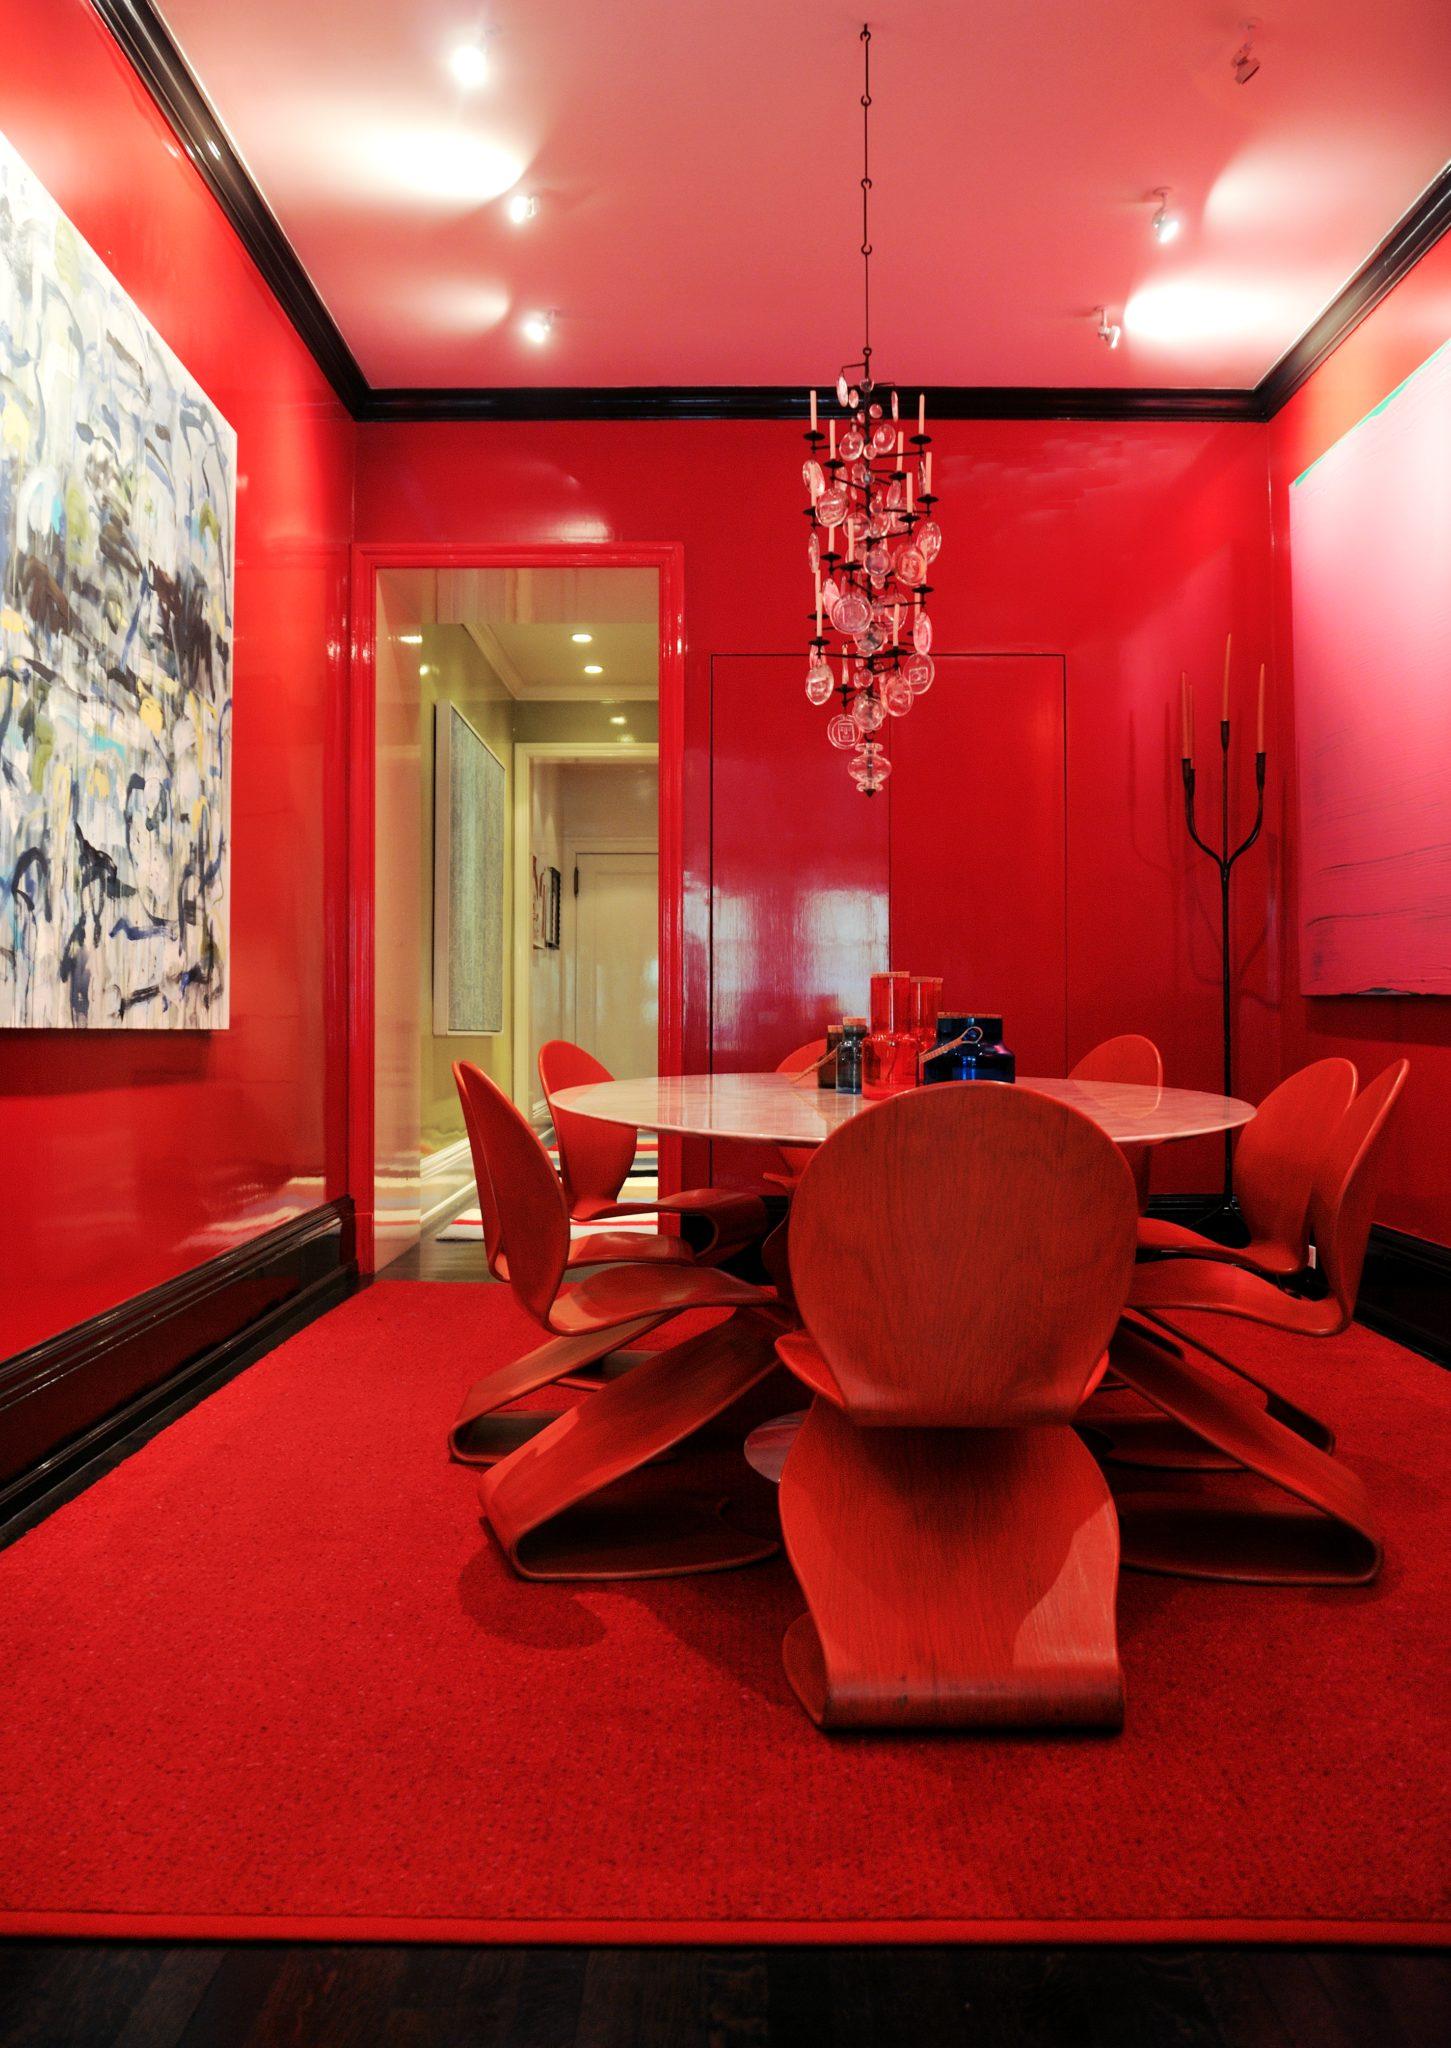 Gramercy Park dining room by Apsara Interior Design